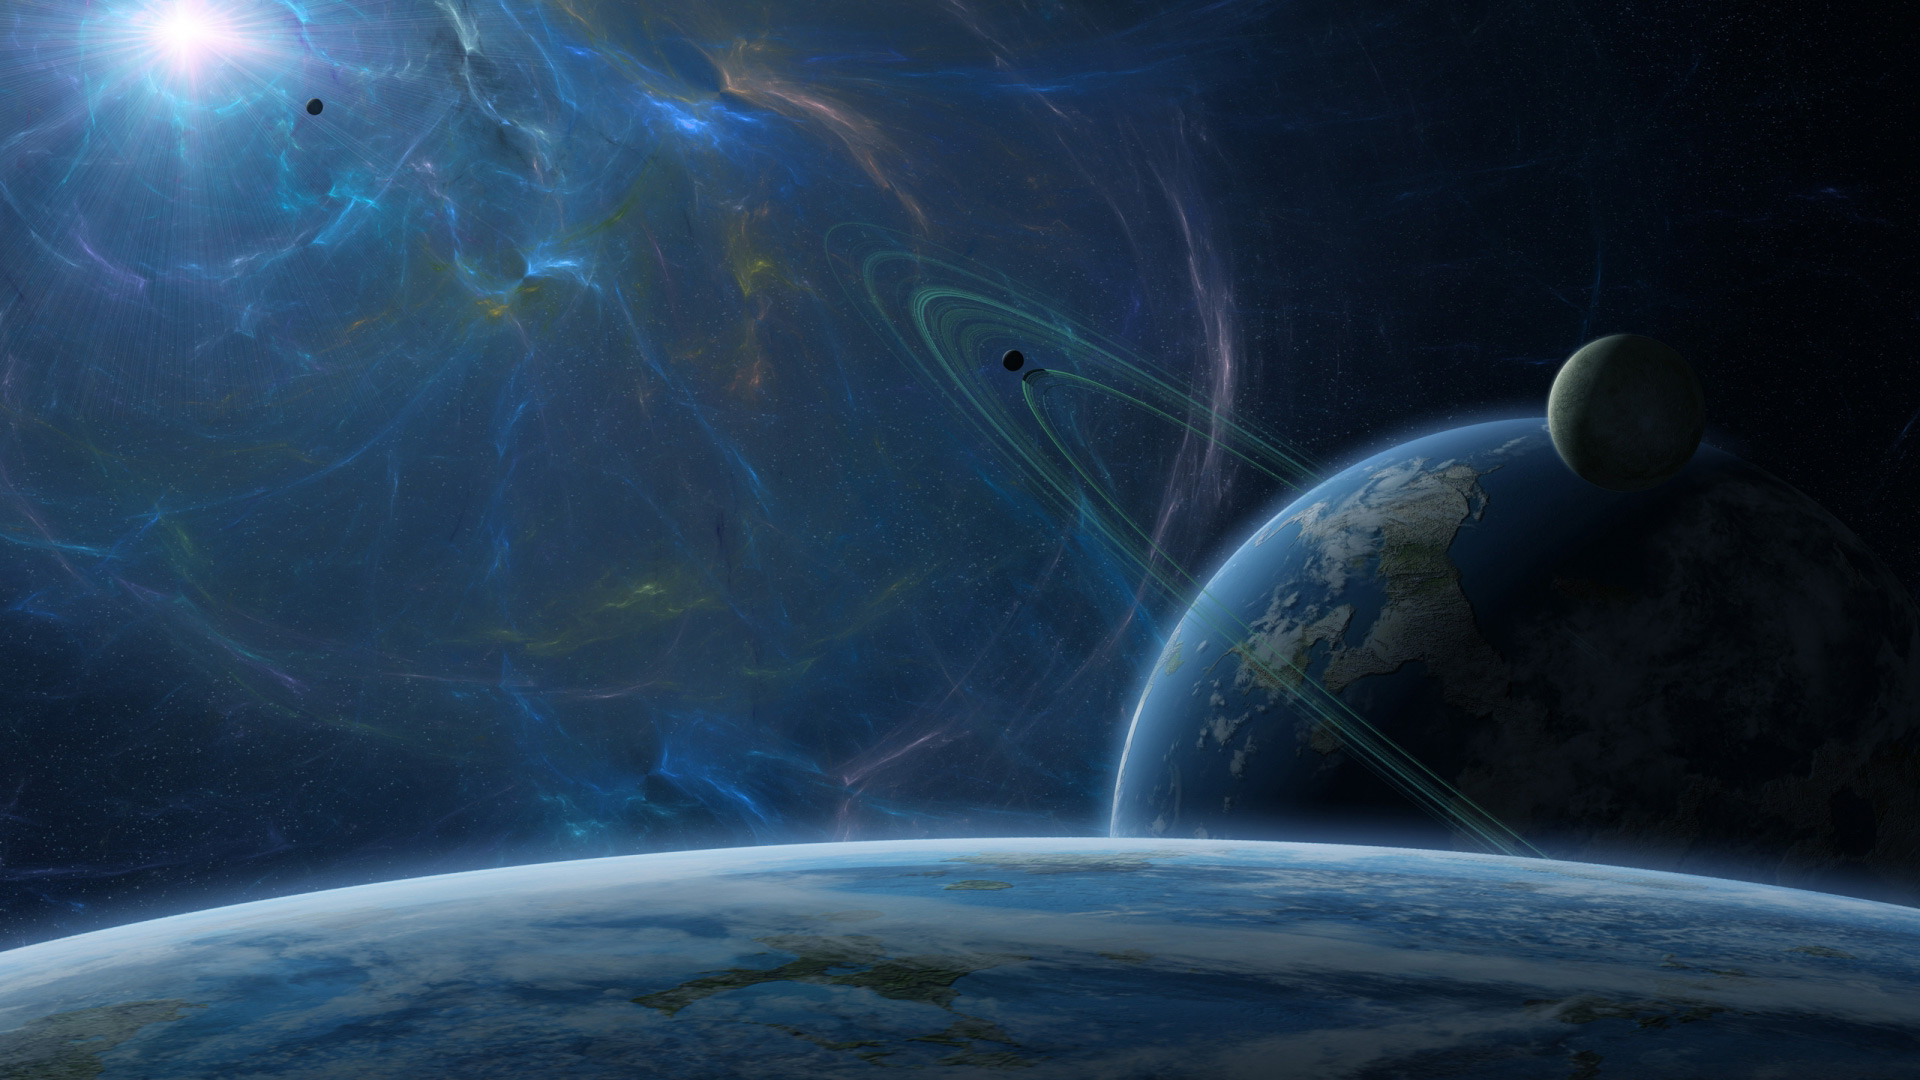 космос картинки красивые на рабочий стол каталоге